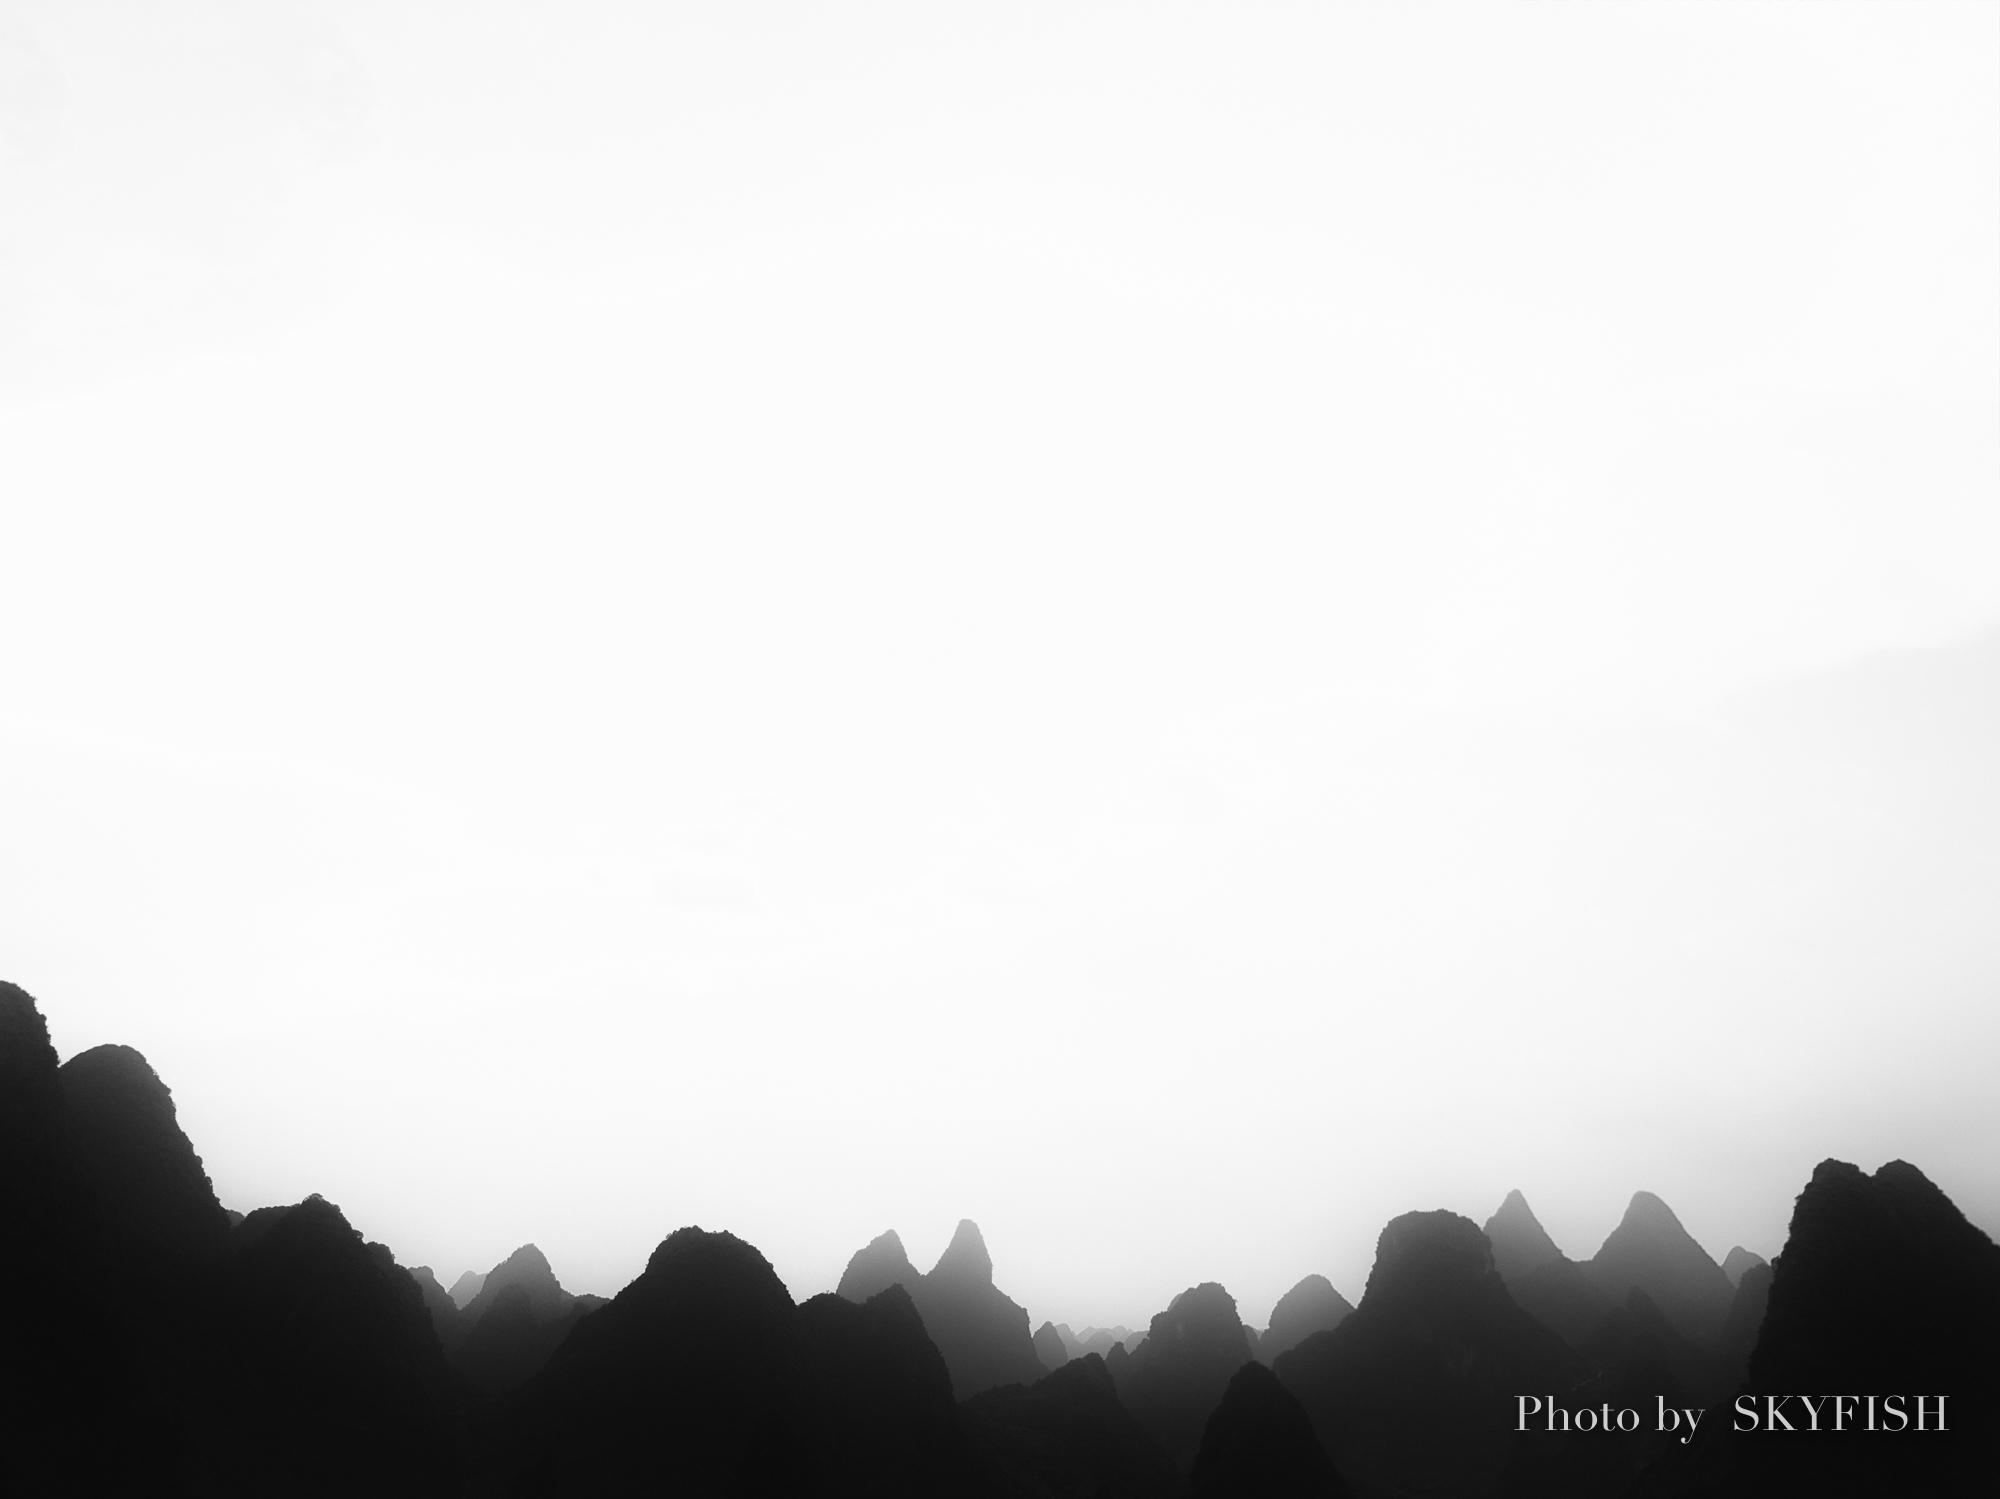 ドローンで撮影した桂林